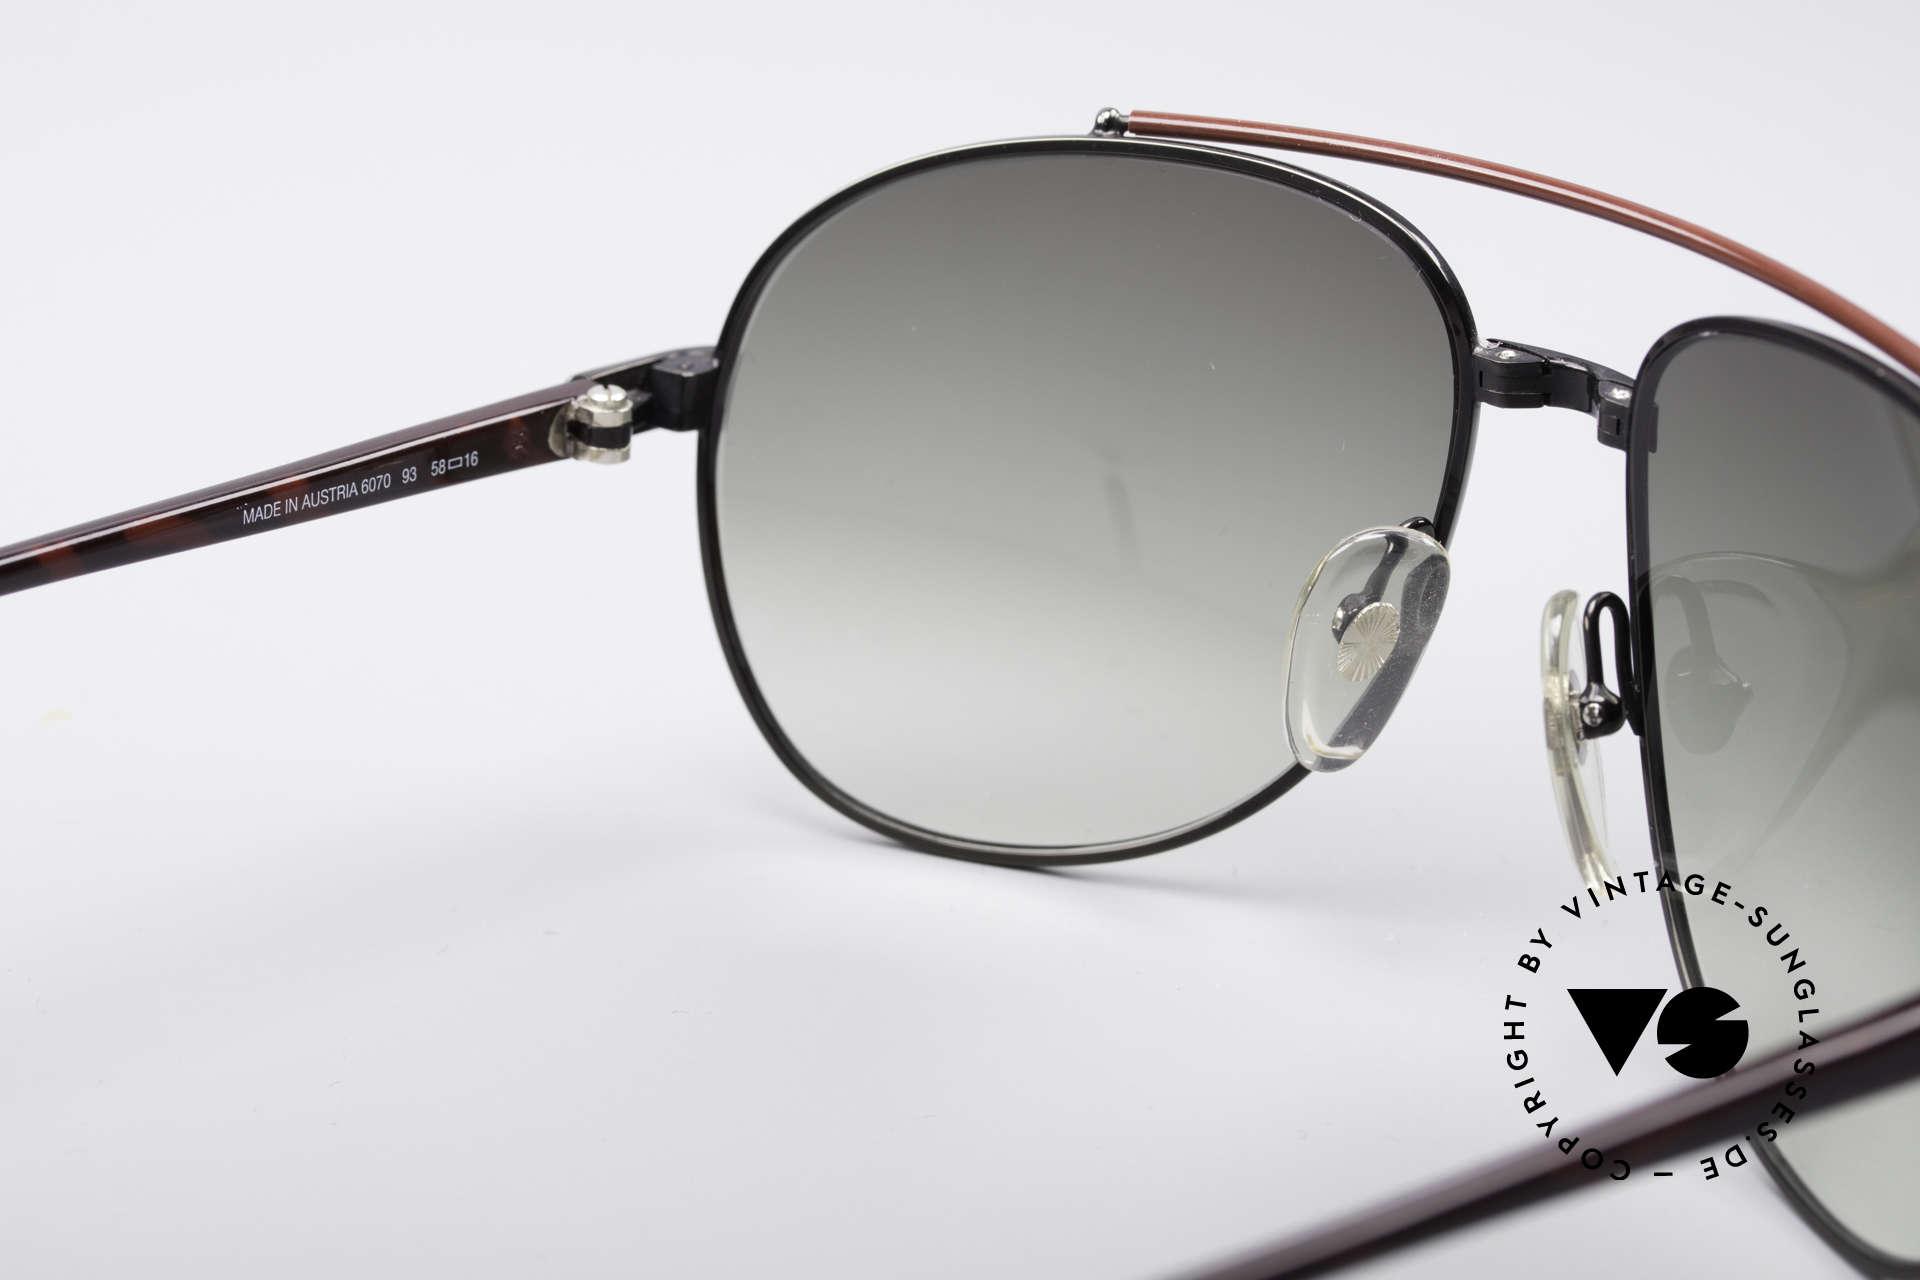 Dunhill 6070 90er Luxus Herren Sonnenbrille, KEINE Retrobrille, ein kostbares altes Original, Passend für Herren